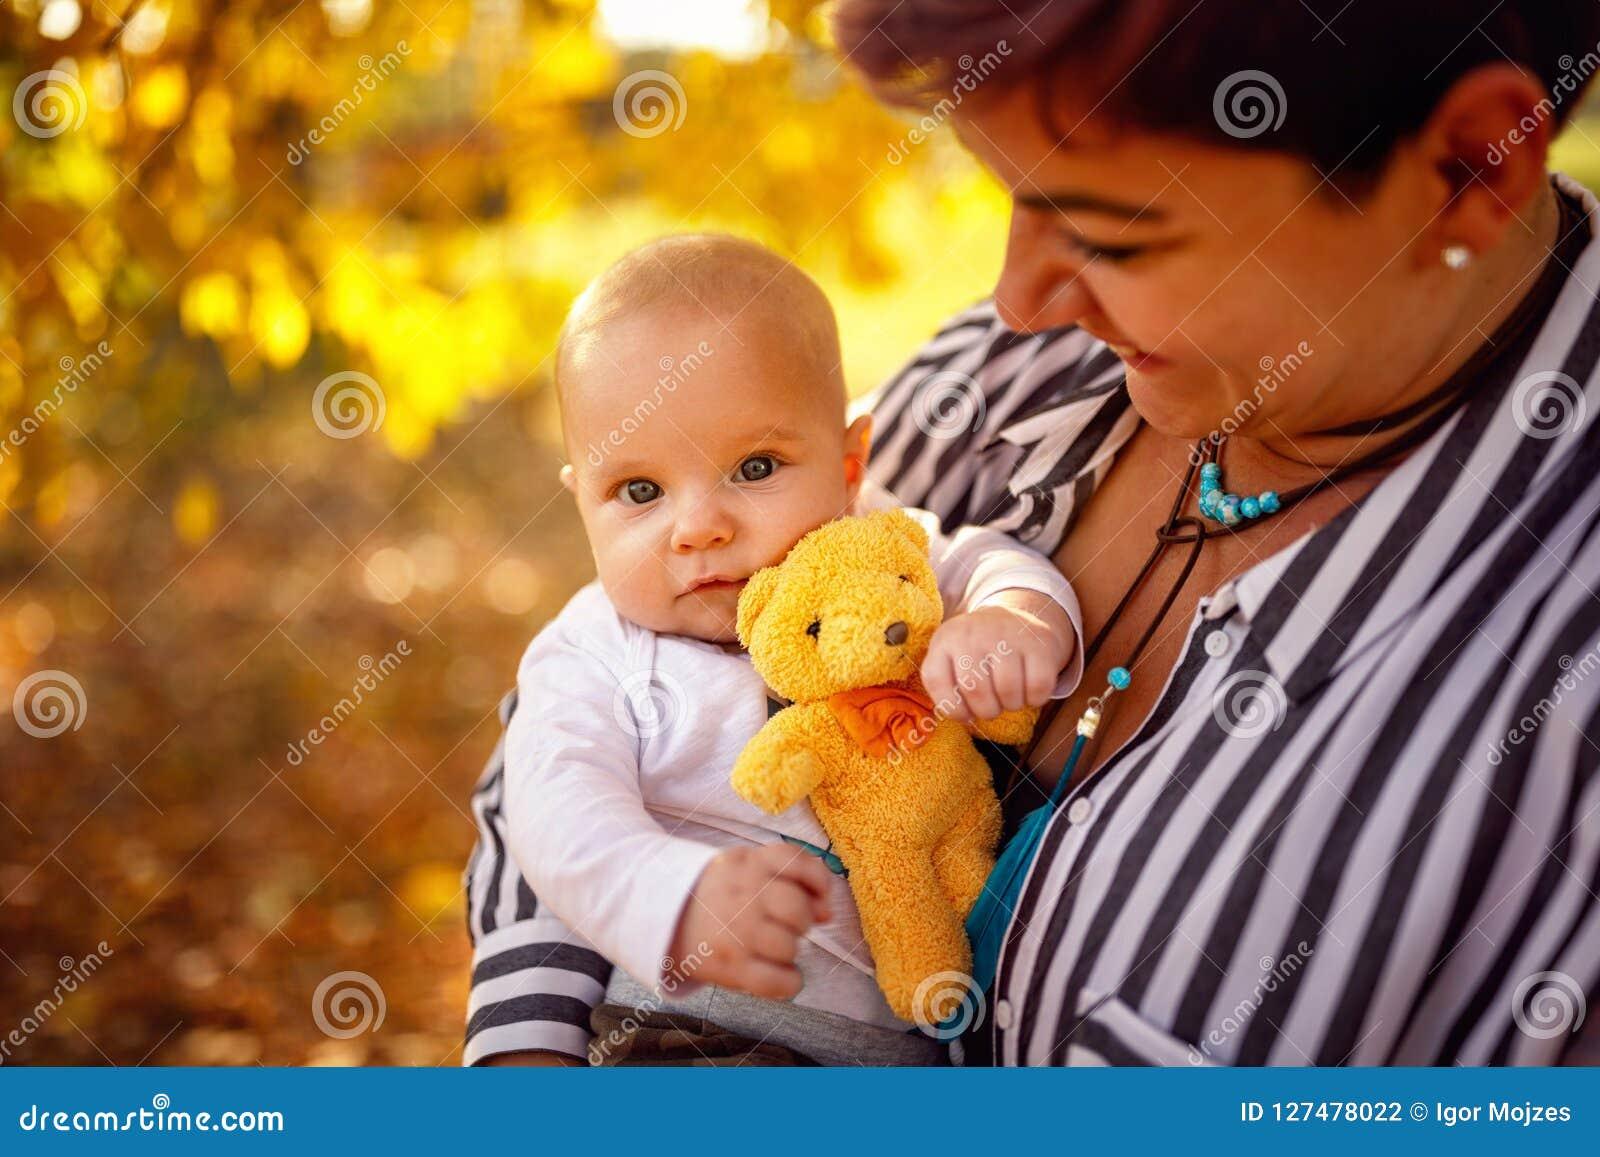 Glückliche Familie - junge Mutter und Baby im Herbst parken